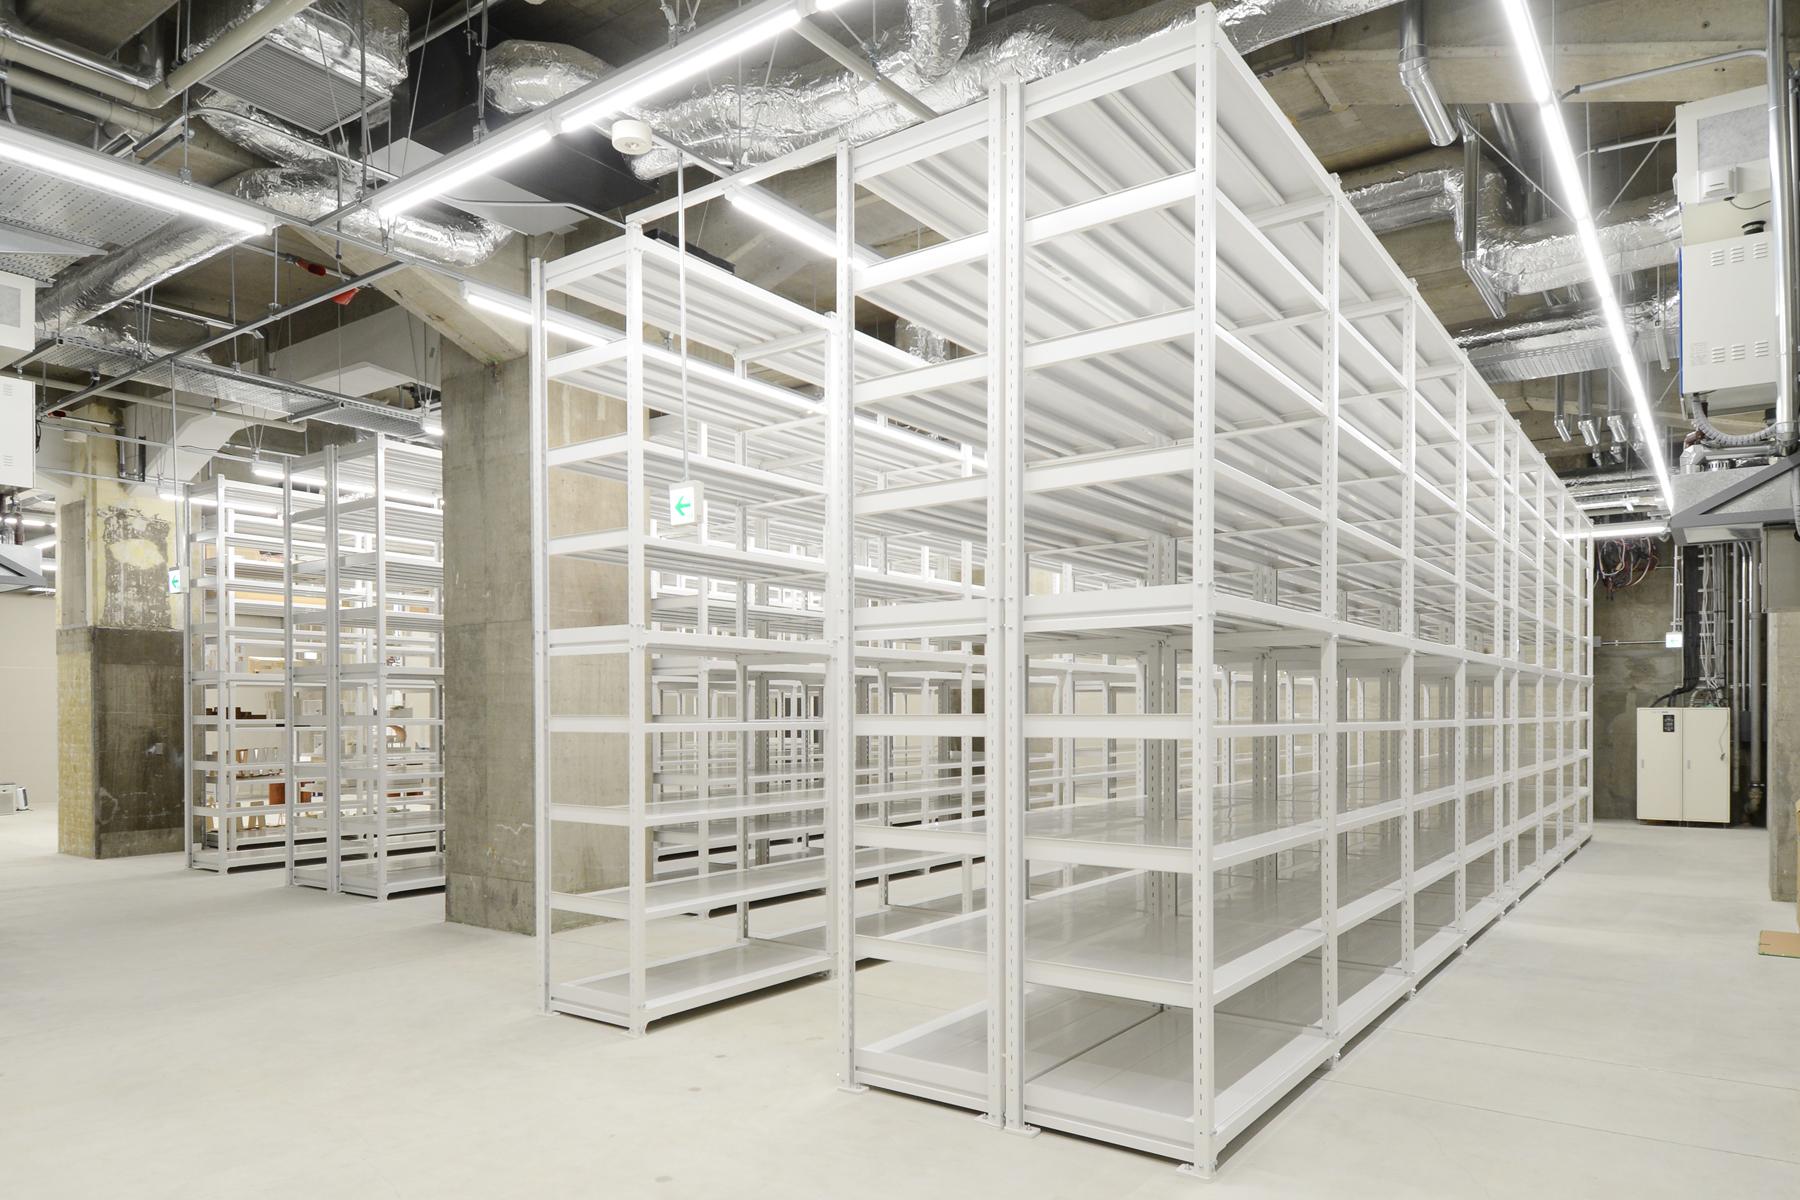 Музей моделей архитектуры: пустые стелажи